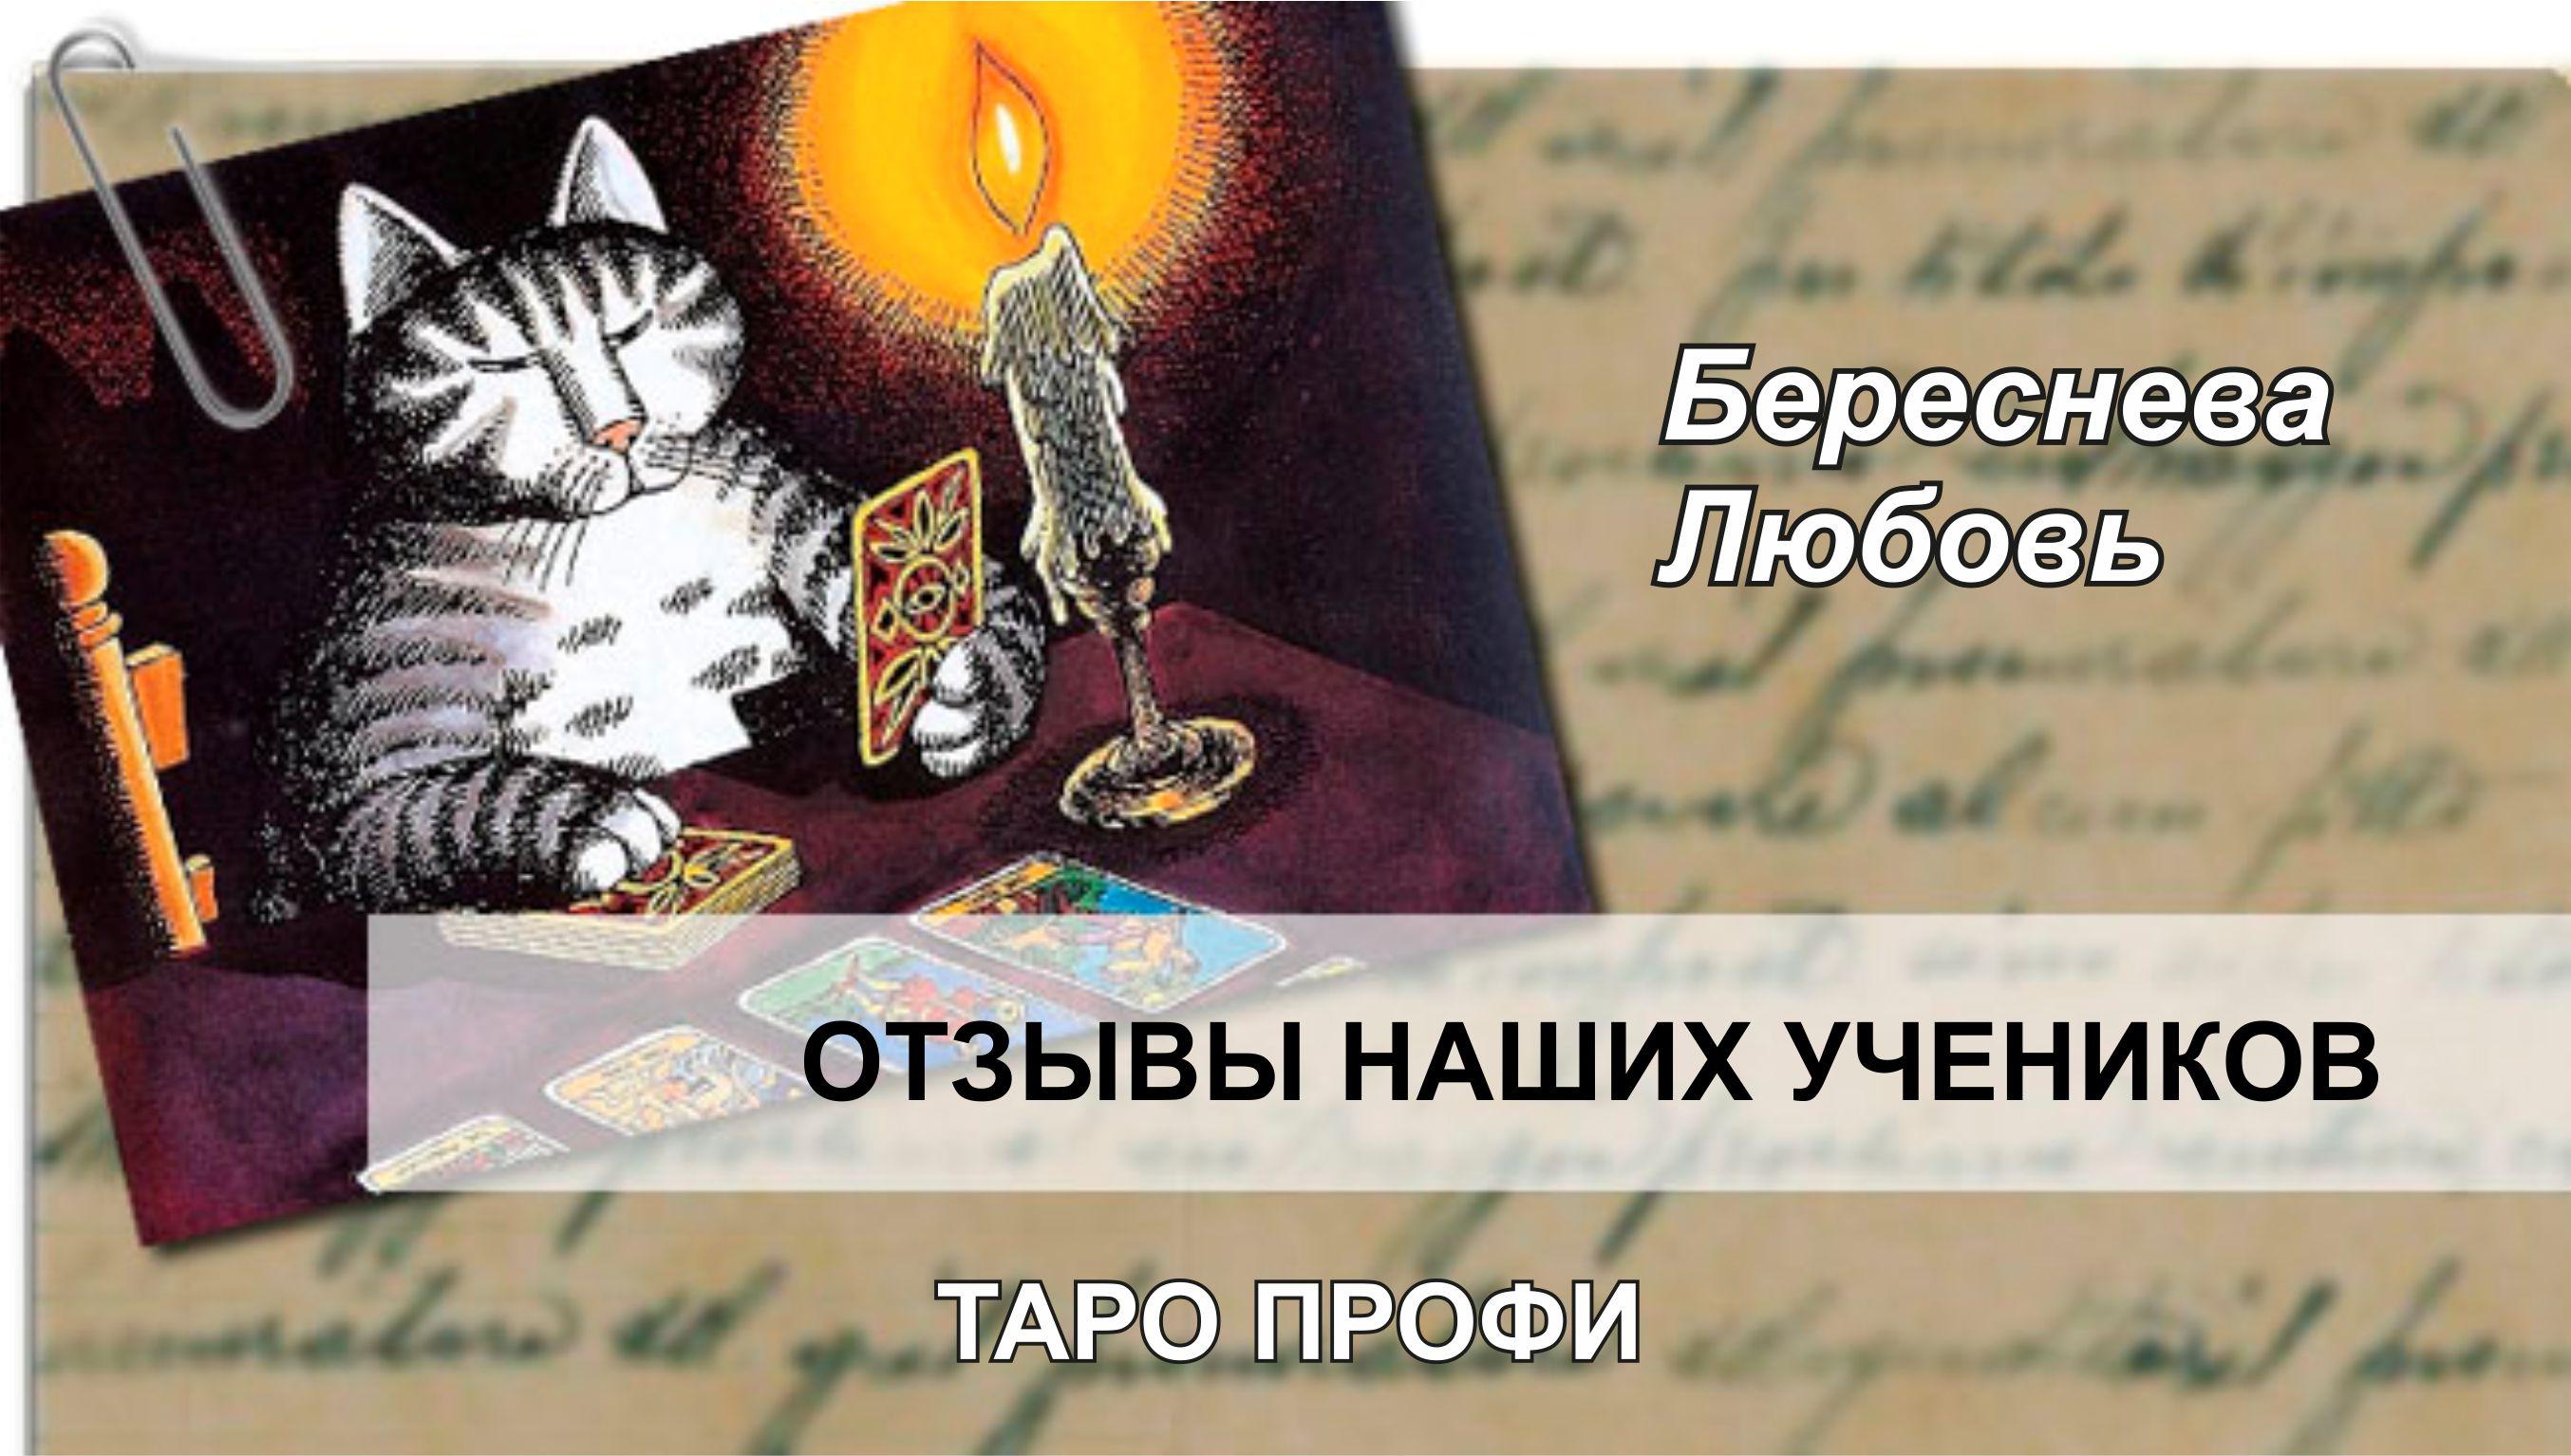 Береснева Любовь делится впечатлениями после обучения на курсе Таро Профи